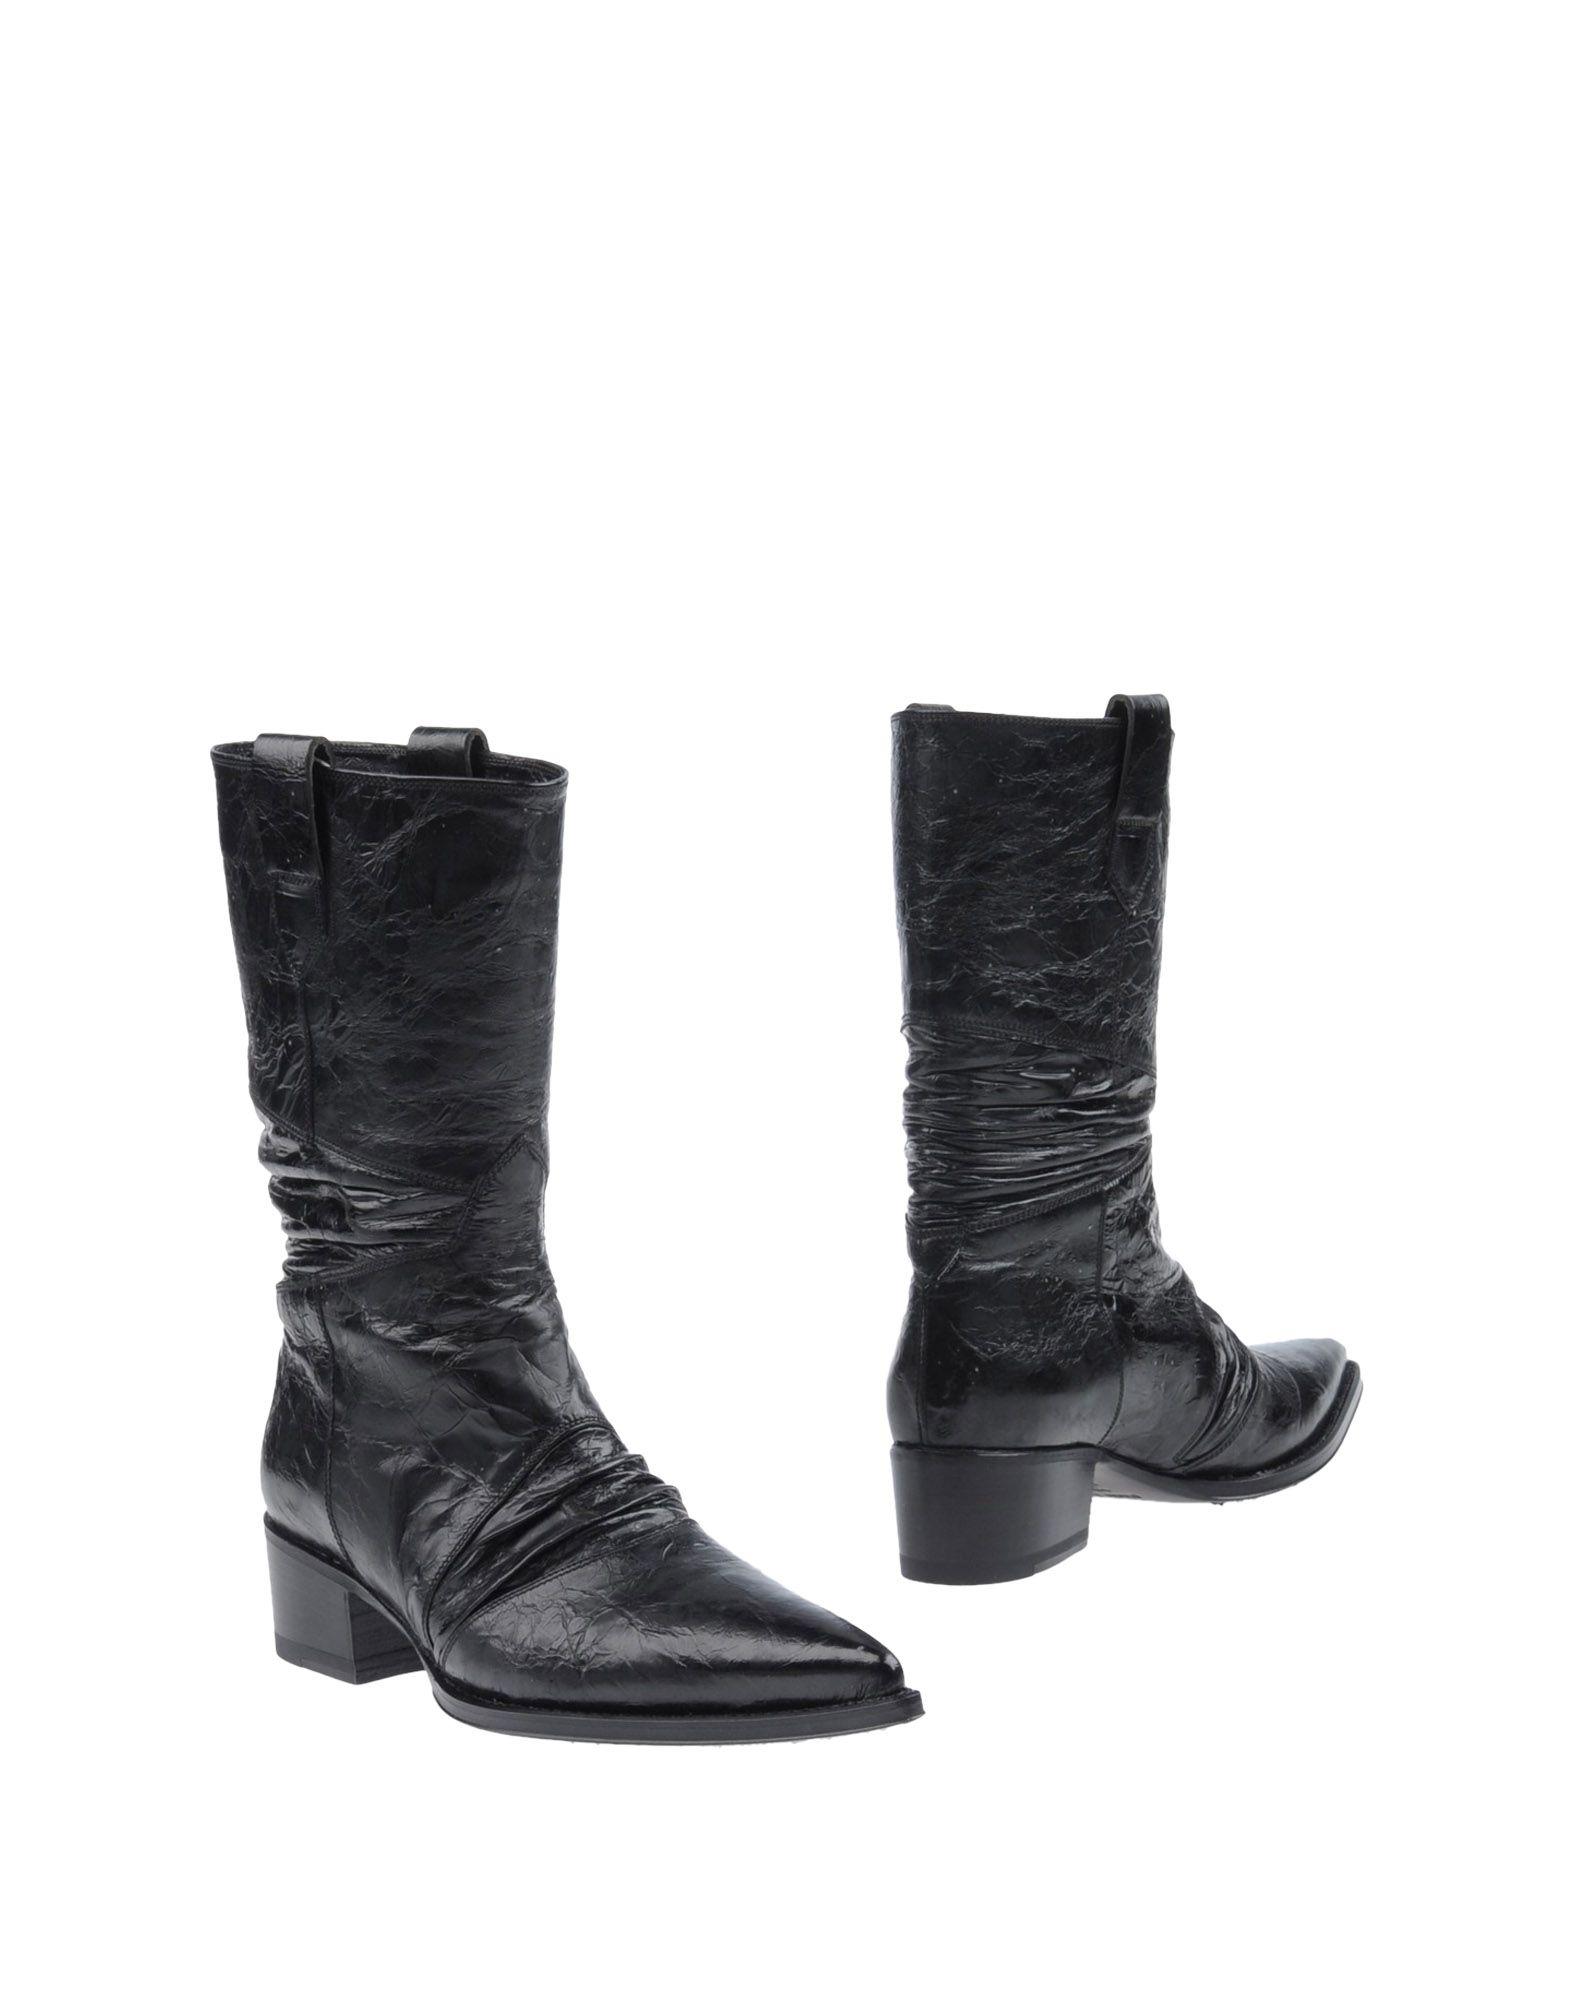 цены на GIANNI BARBATO Полусапоги и высокие ботинки в интернет-магазинах